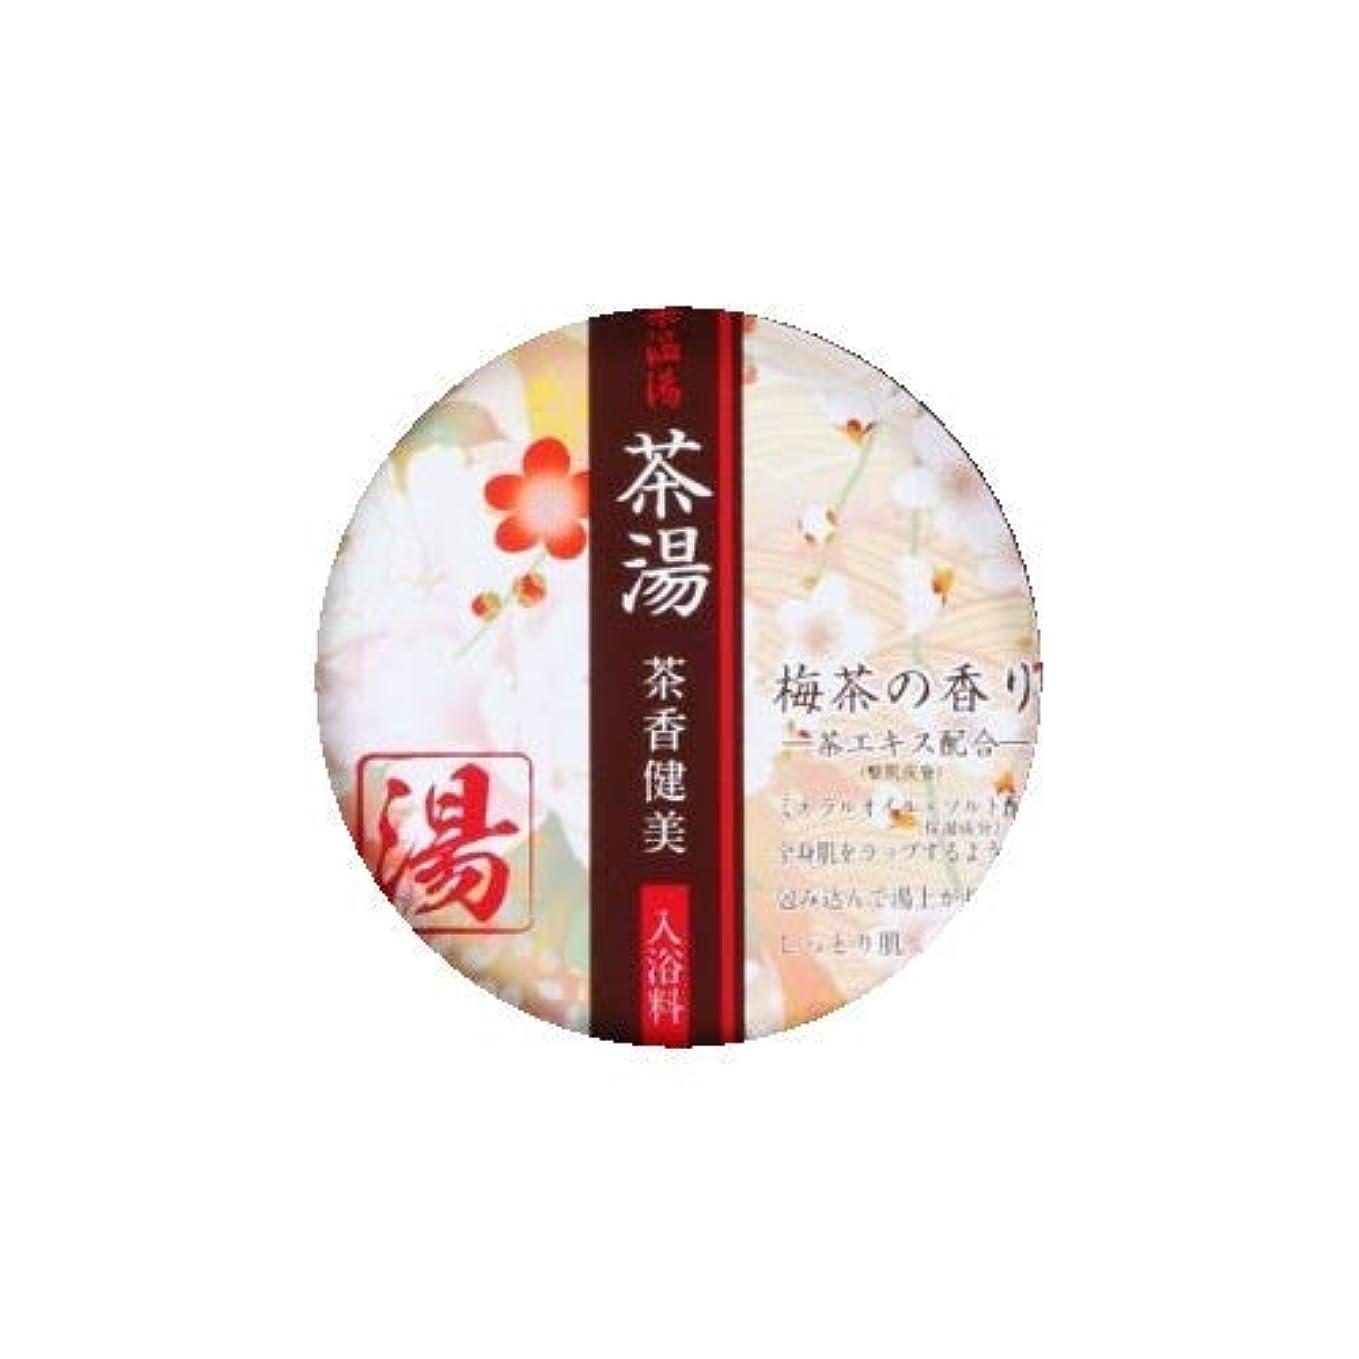 主人読書をする吸収する薬温湯 茶湯 入浴料 梅茶の香り POF-10U